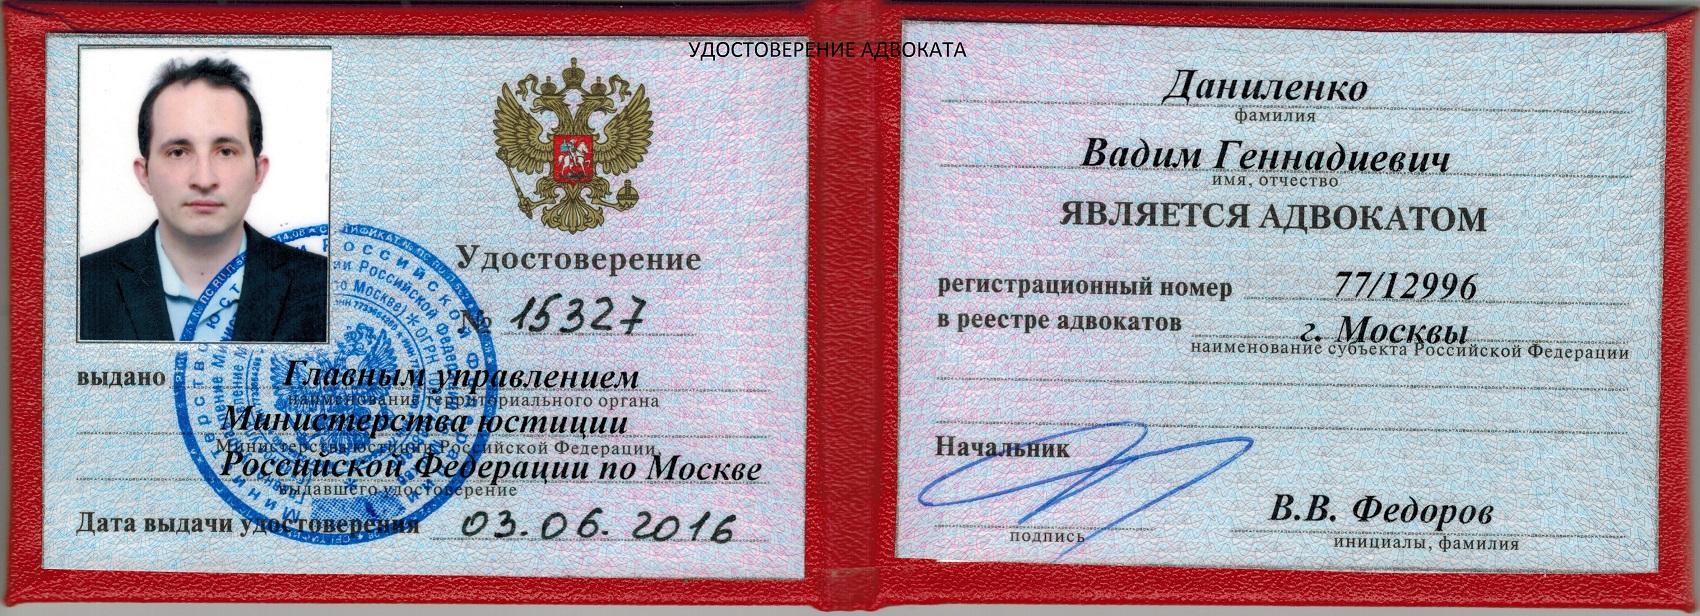 Субсидии москвы в образовании